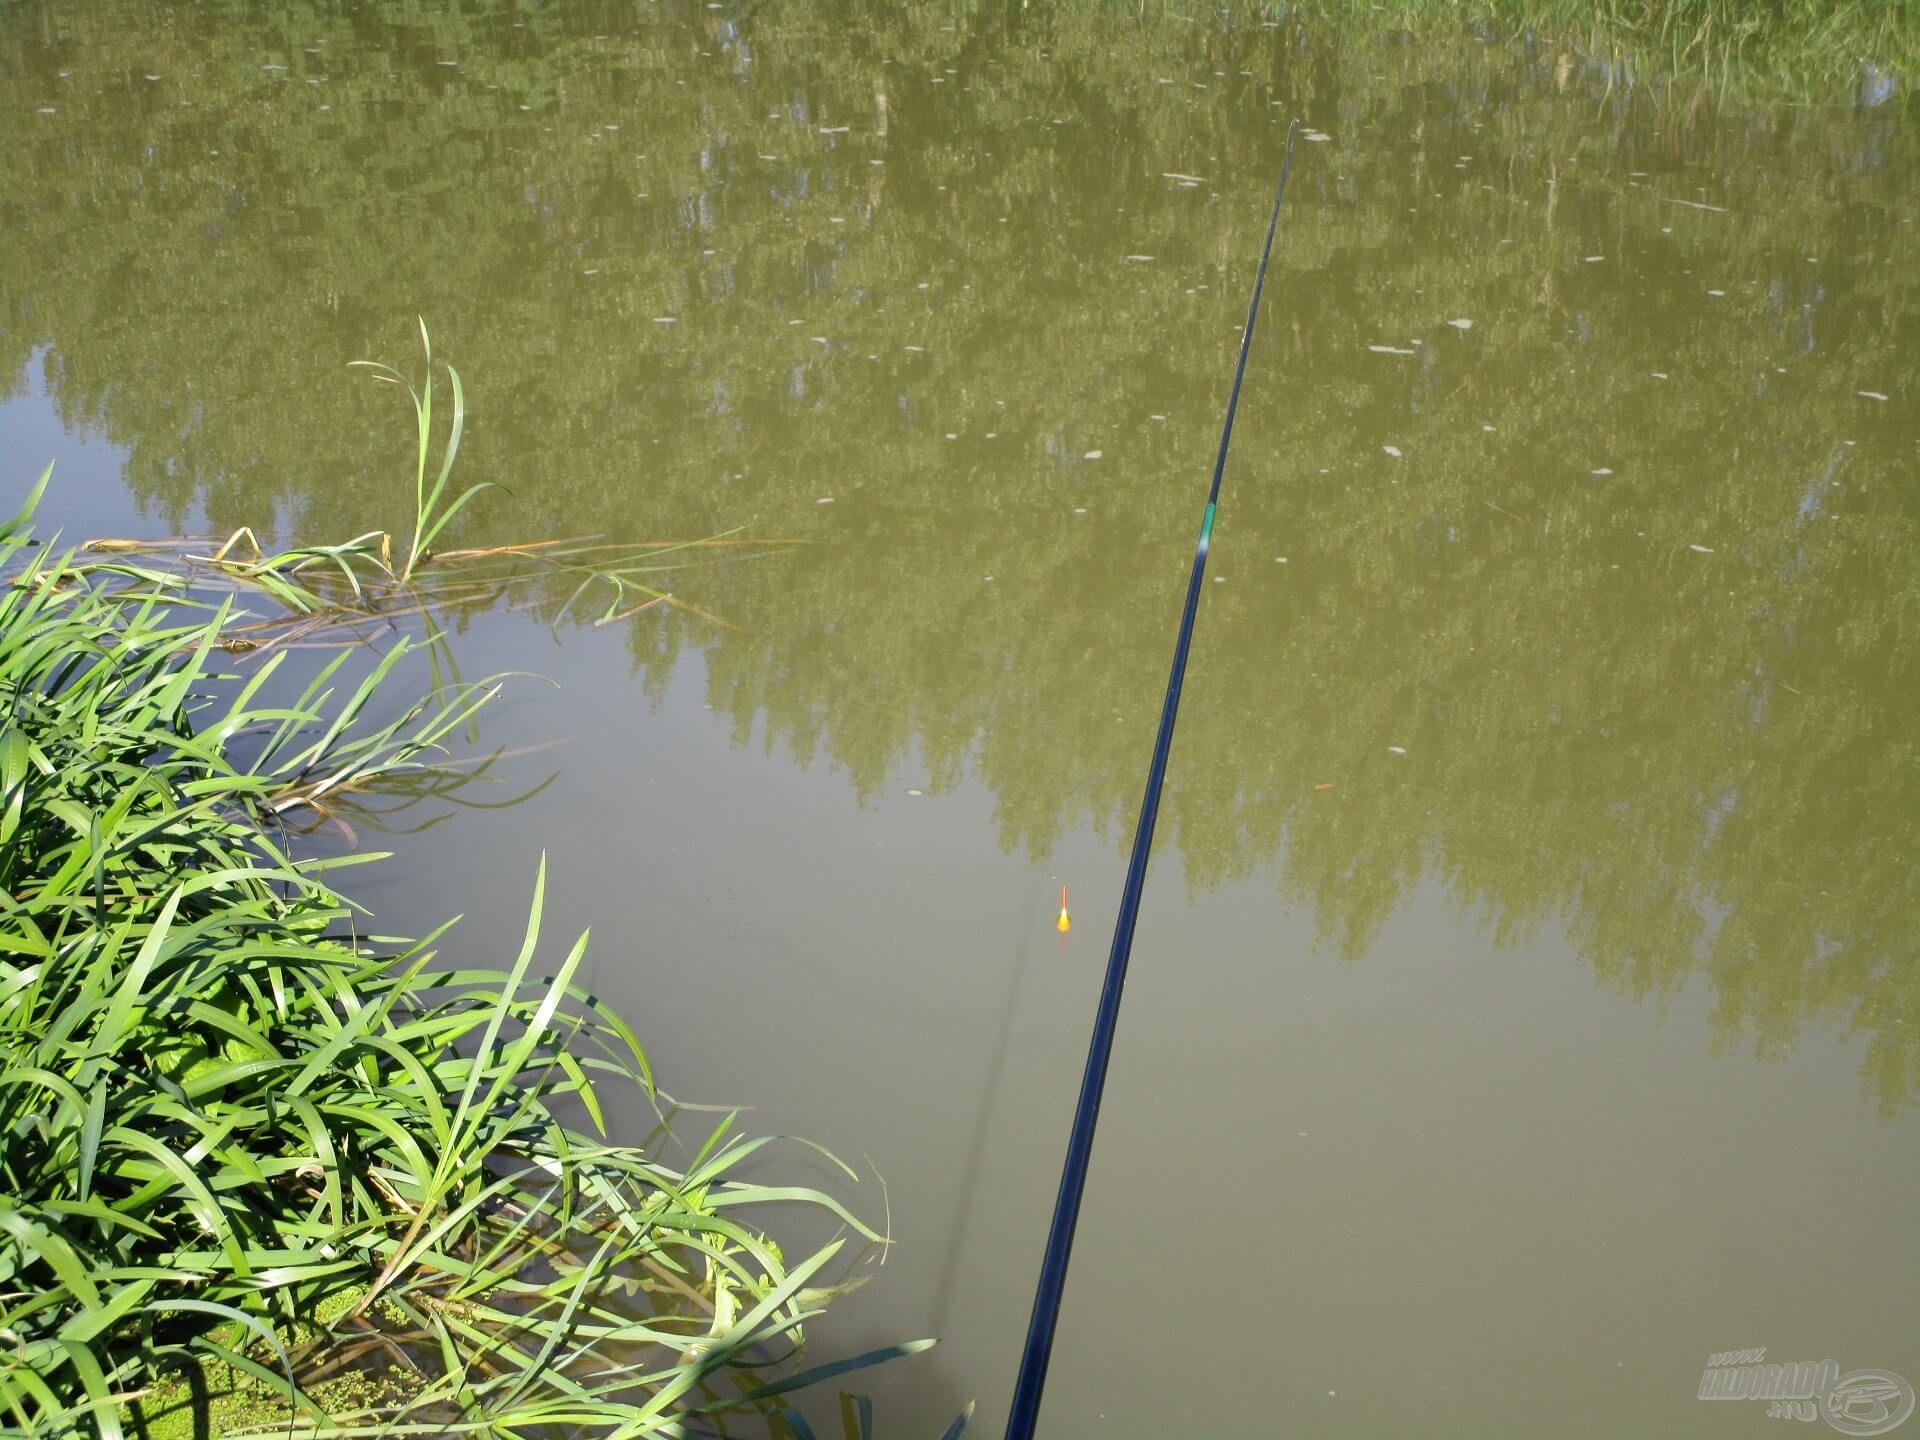 A vízi növényzet környéke jó haltartó hely